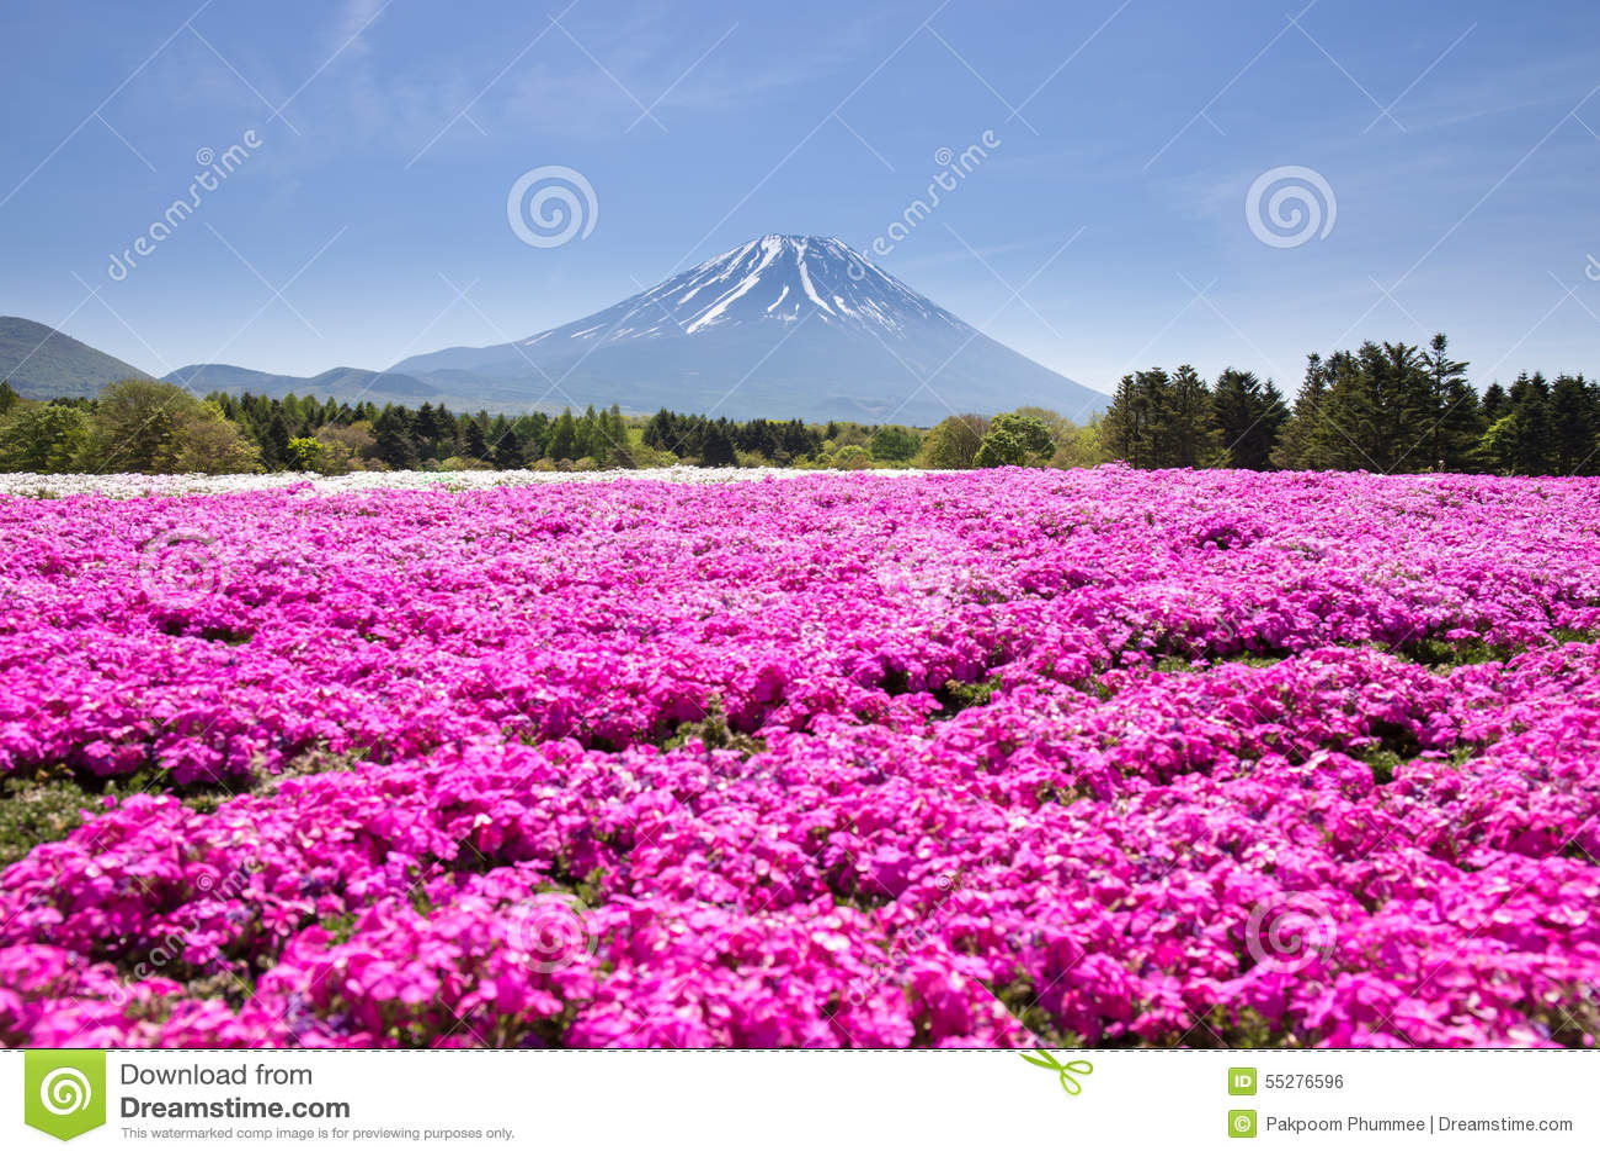 与桃红色青苔佐仓或有山的富士山梨,日本樱花的领域的日本Shibazakura节日